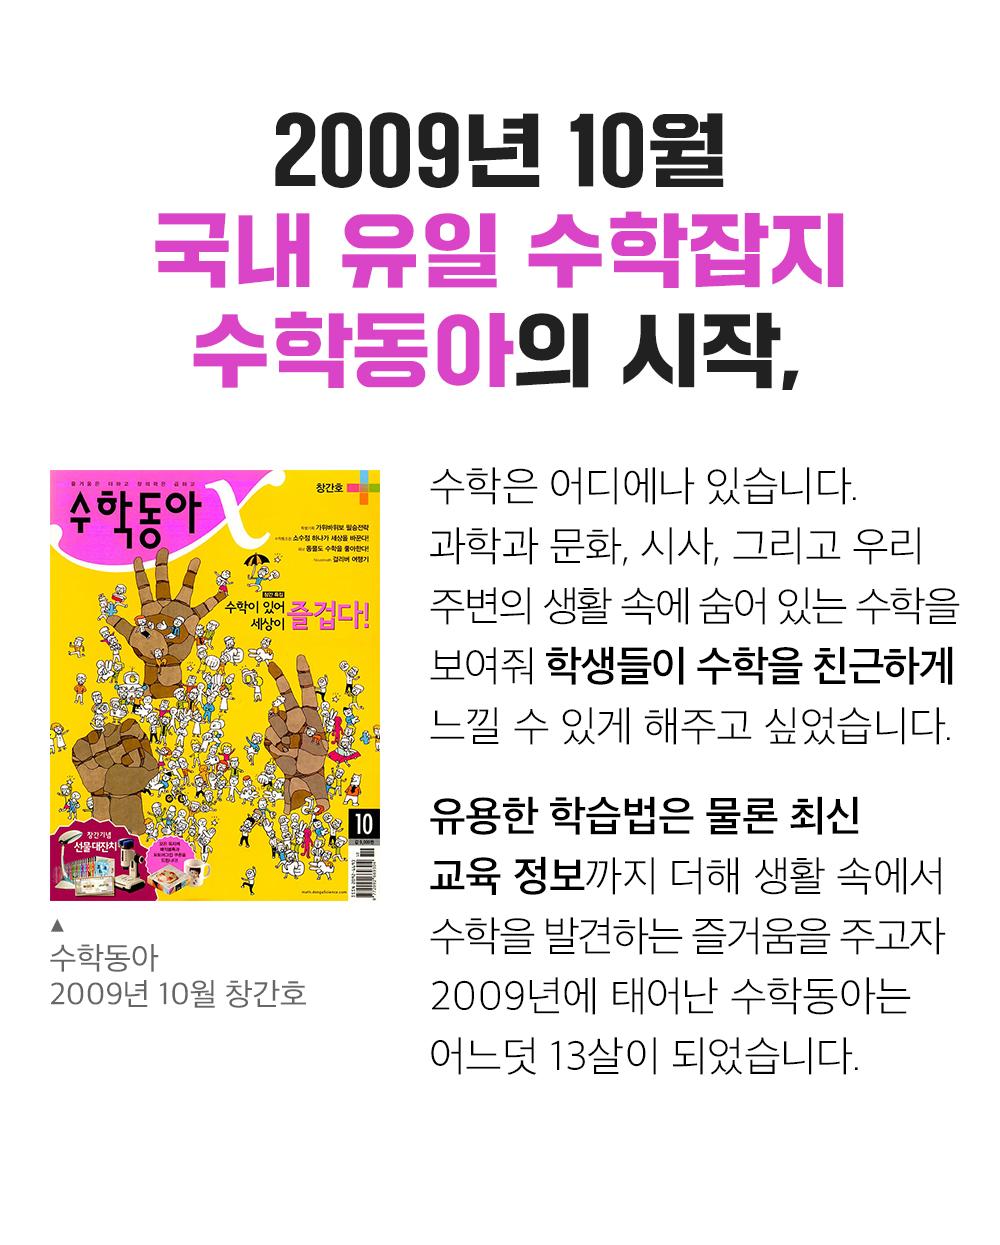 2009년 10월 국내 유일 수학잡지 수학동아의 시작